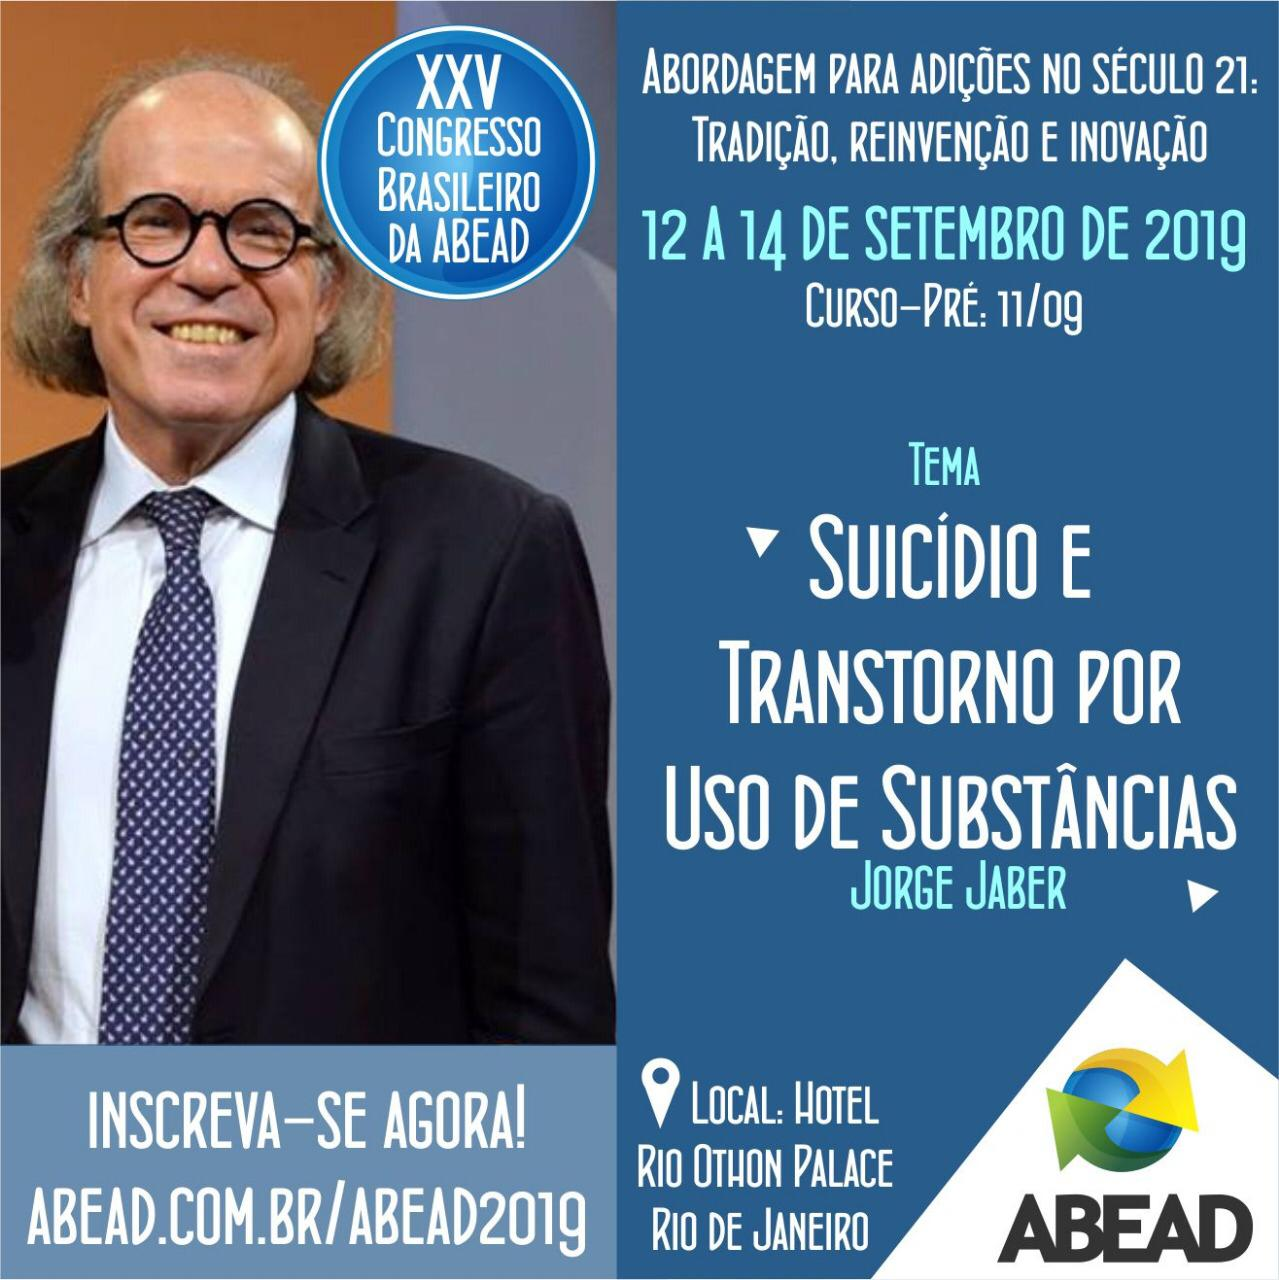 Dr. Jorge Jaber participa do XXV Congresso Brasileiro da ABEAD em setembro